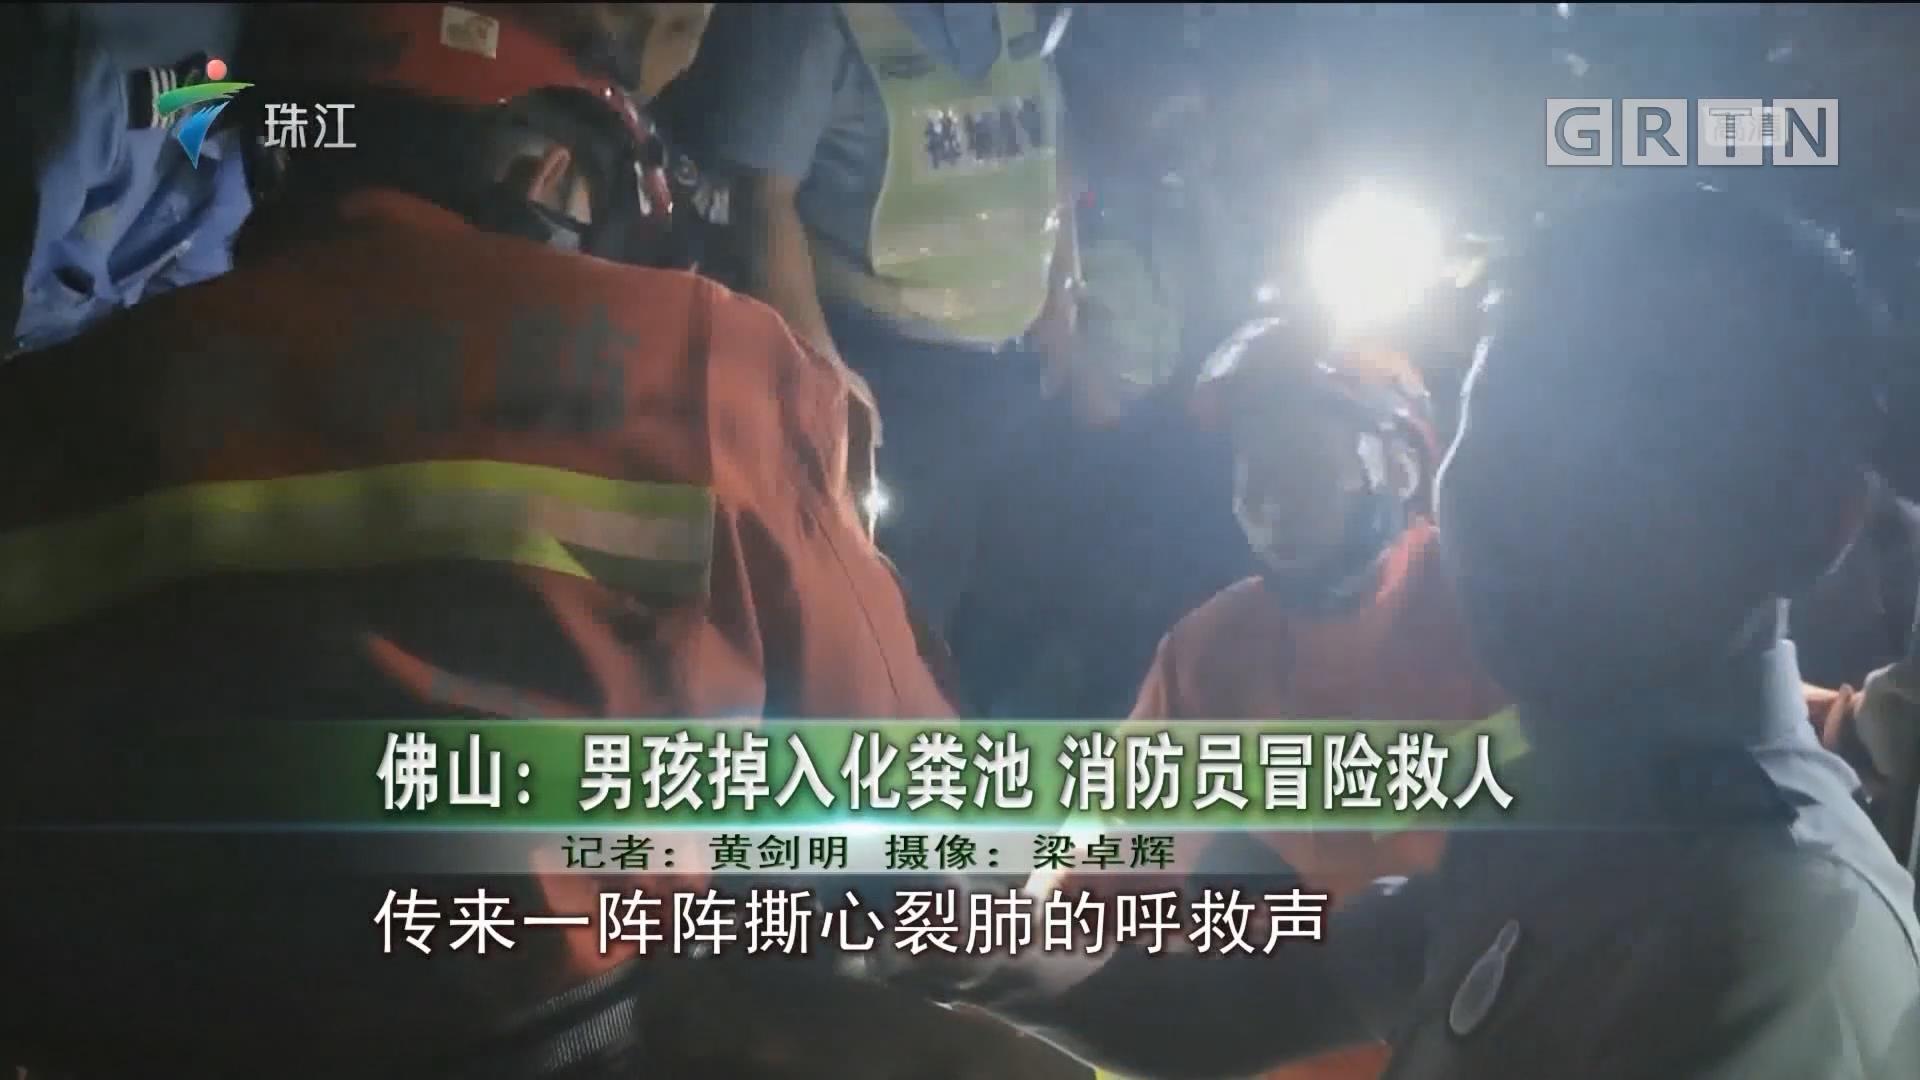 佛山:男孩掉入化粪池 消防员冒险救人